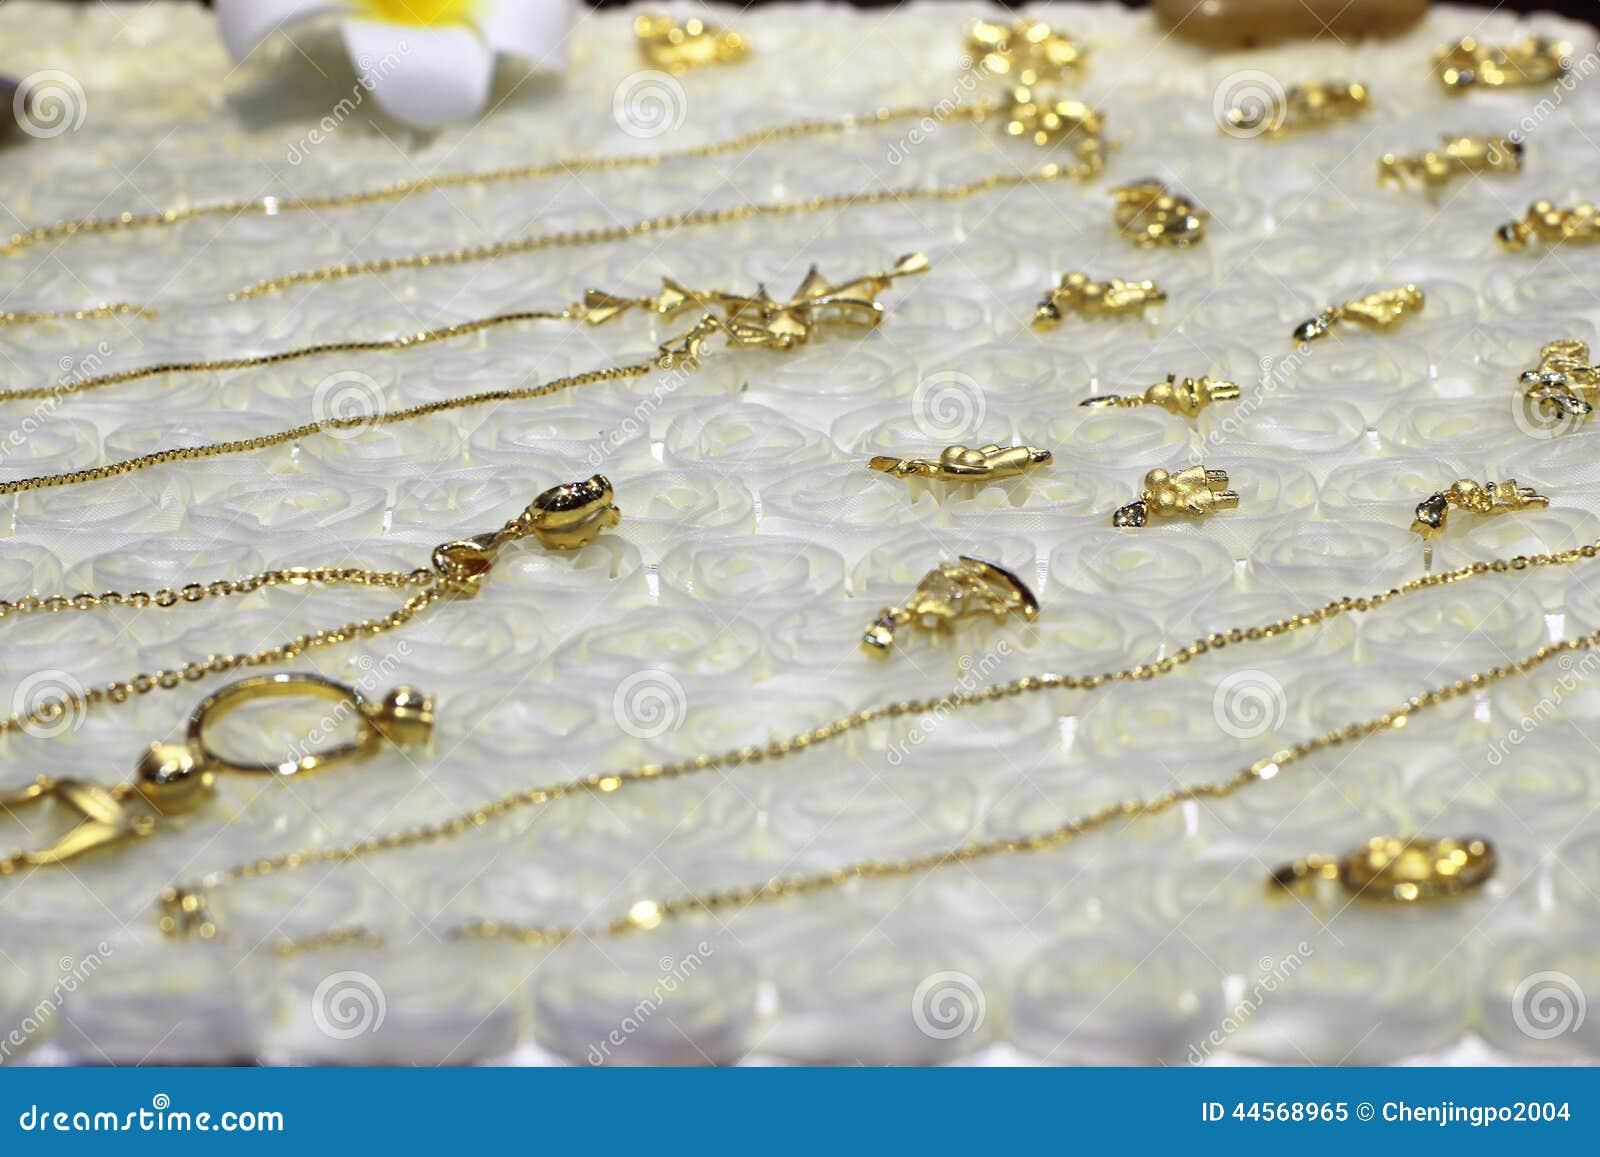 Der reine Goldschmuck